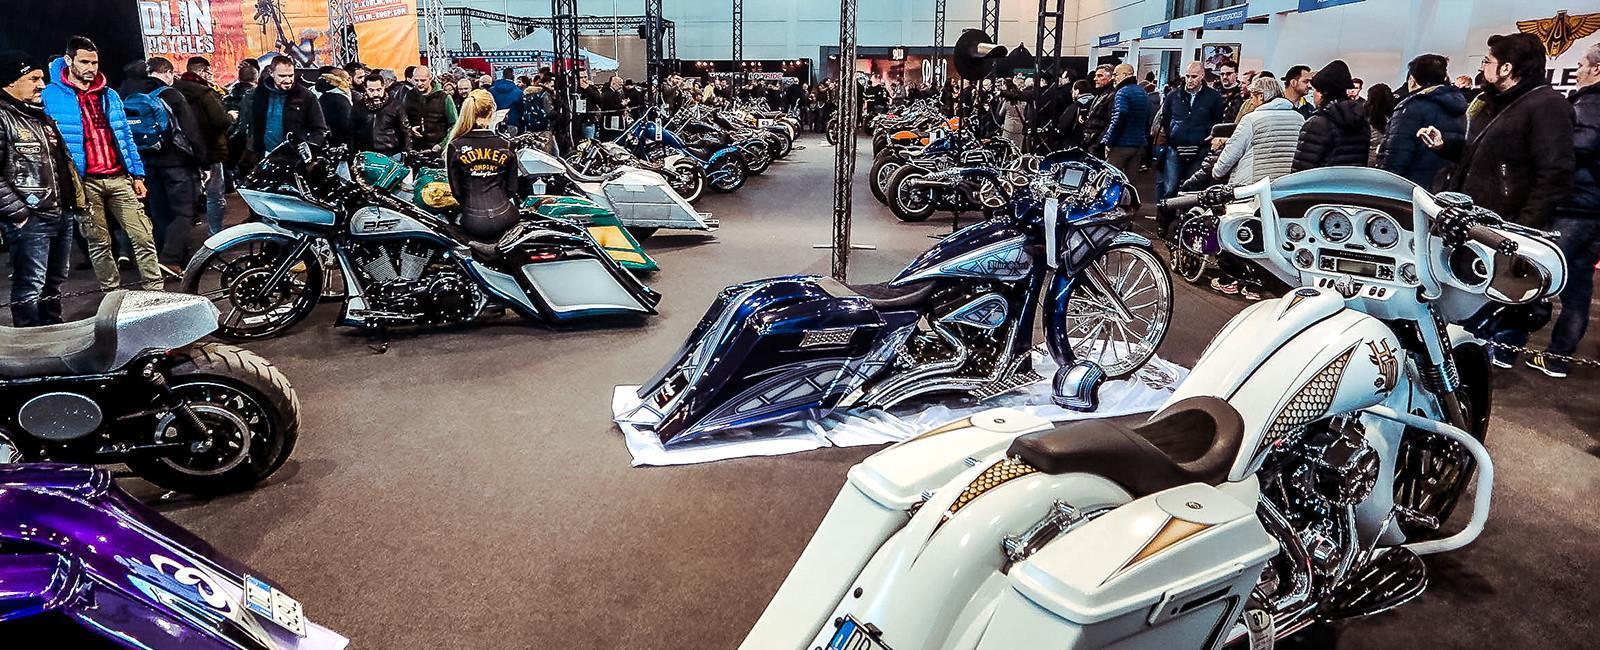 نمایشگاه موتور سیکلت و دوچرخه ورونا